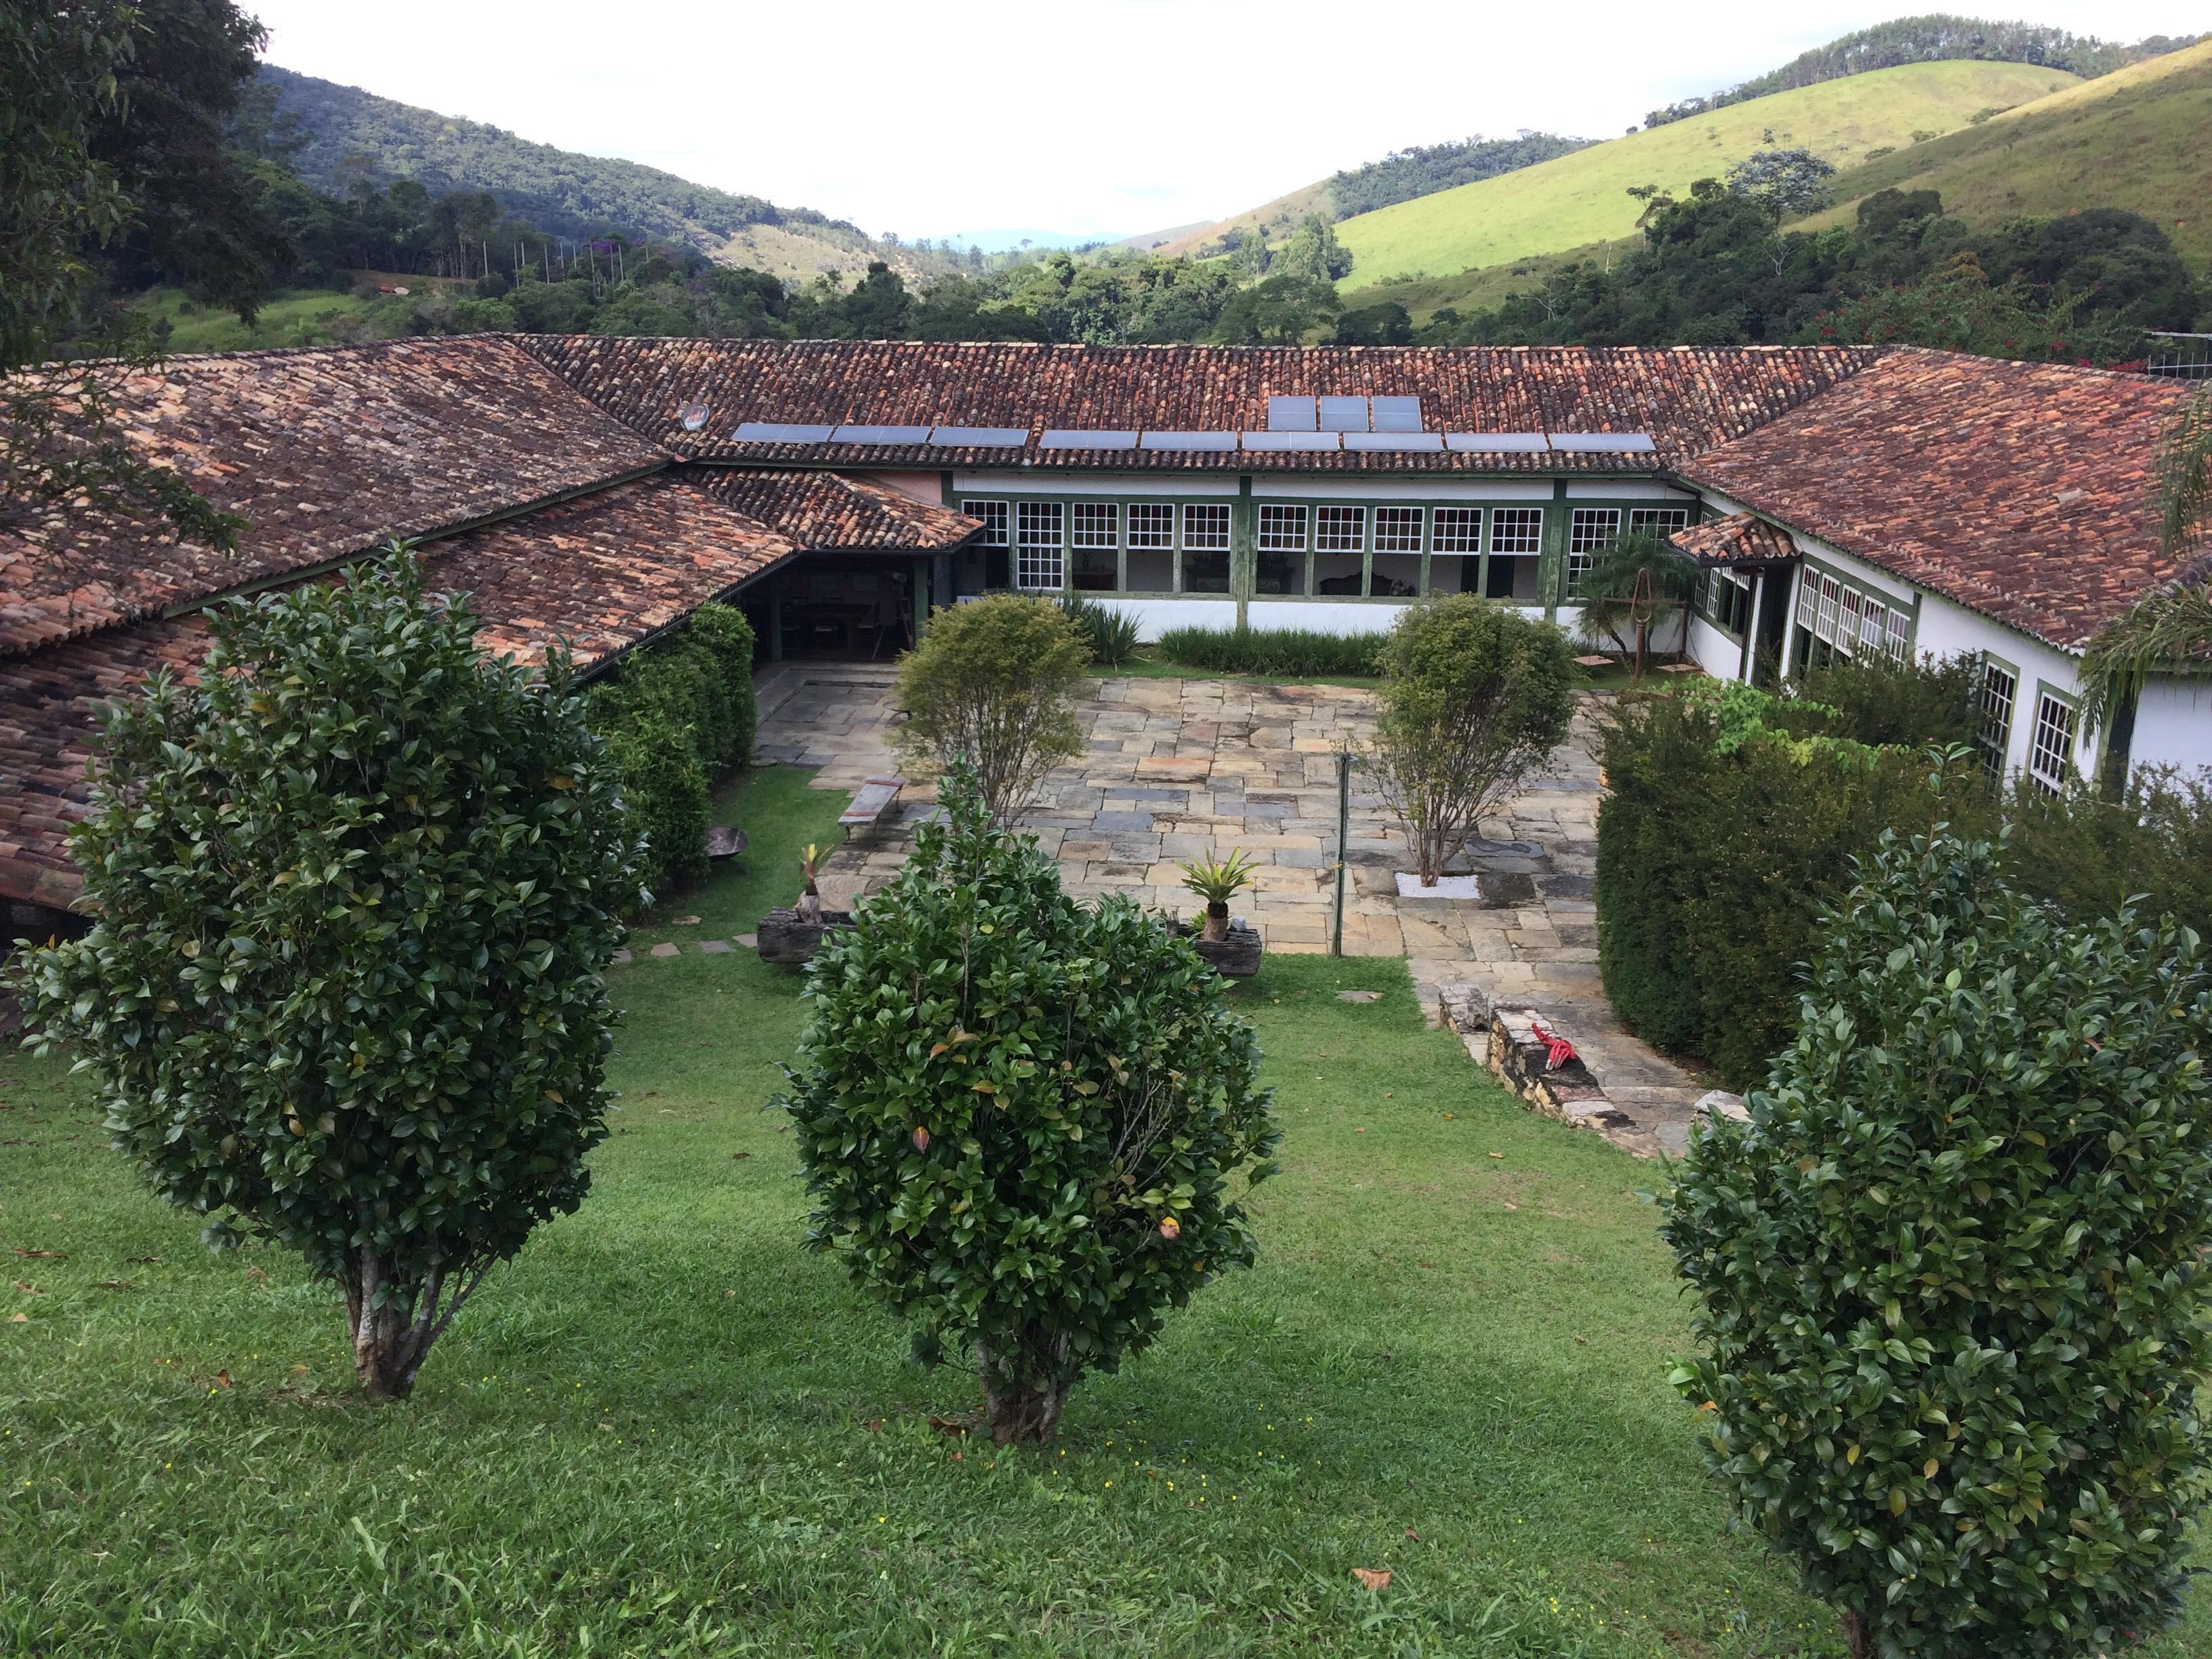 Reserva do Ibitipoca 08